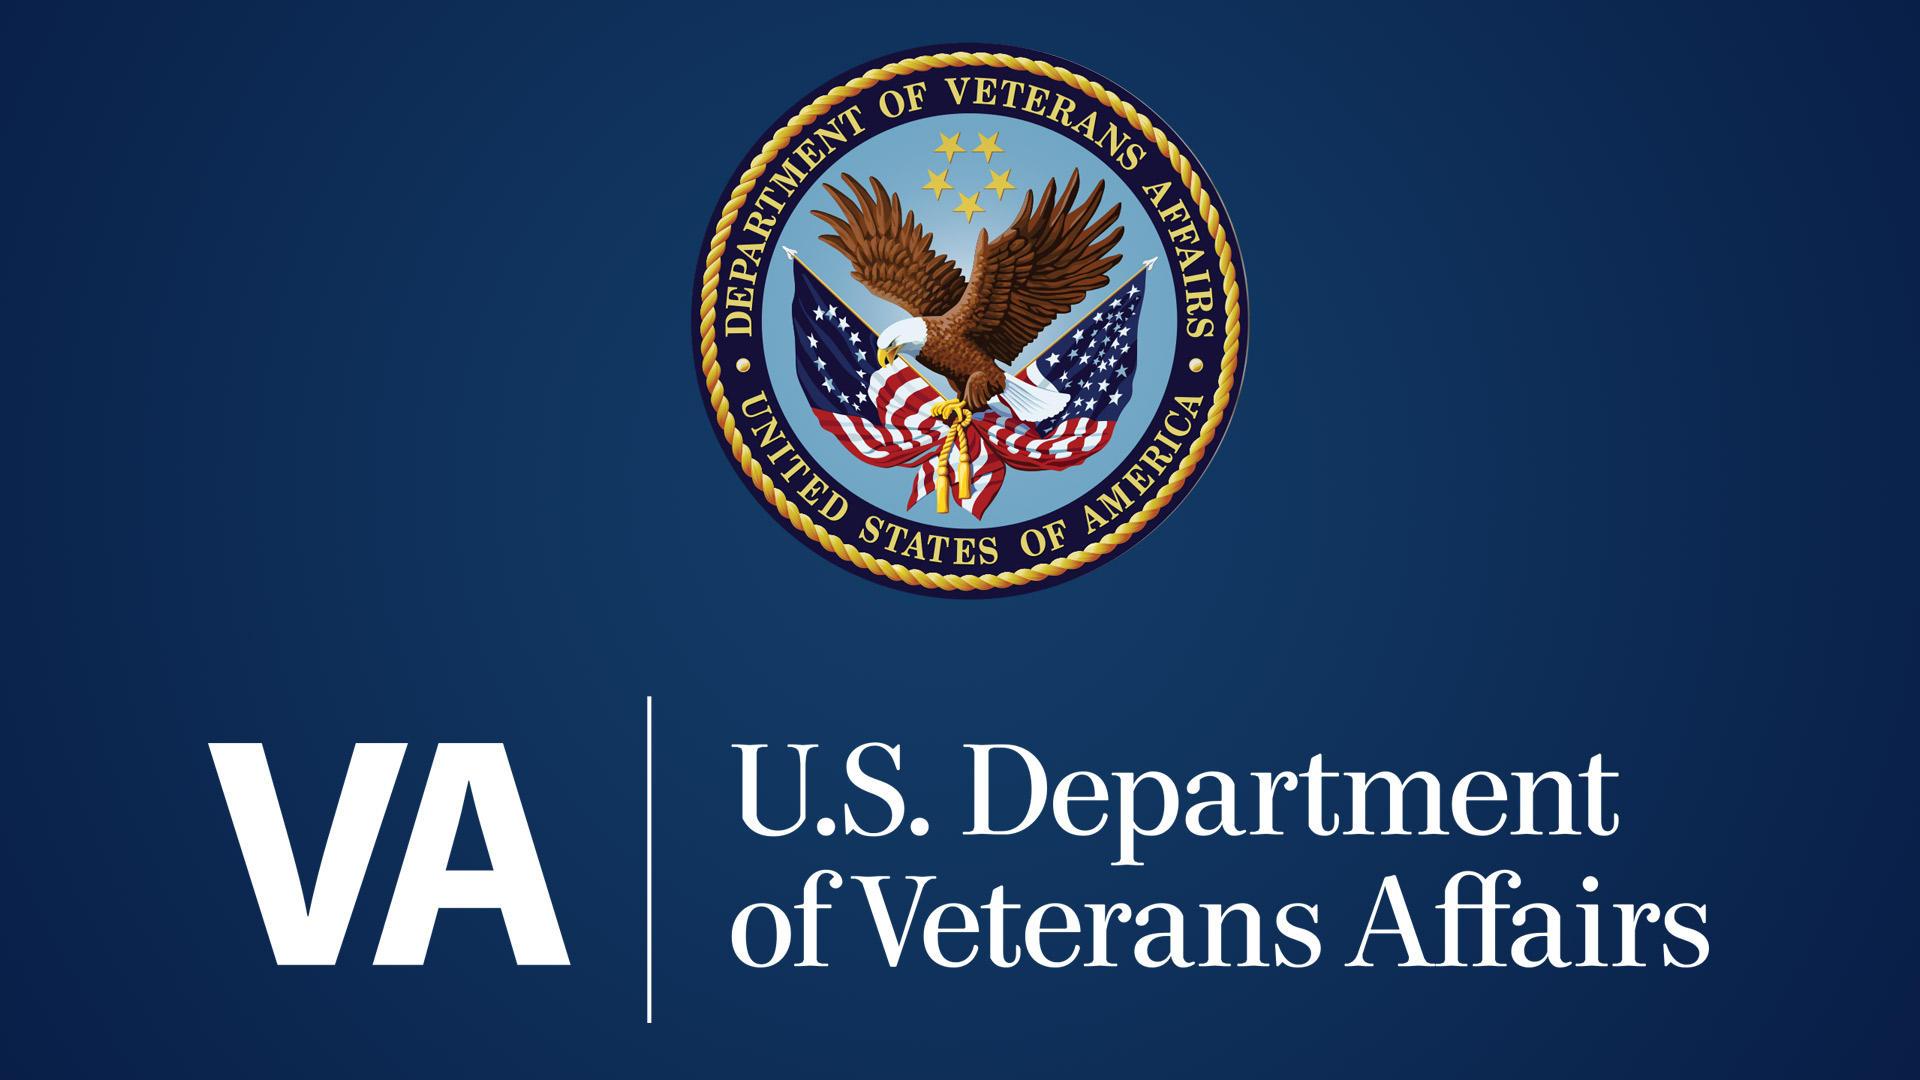 vet-affairs-hero.jpg